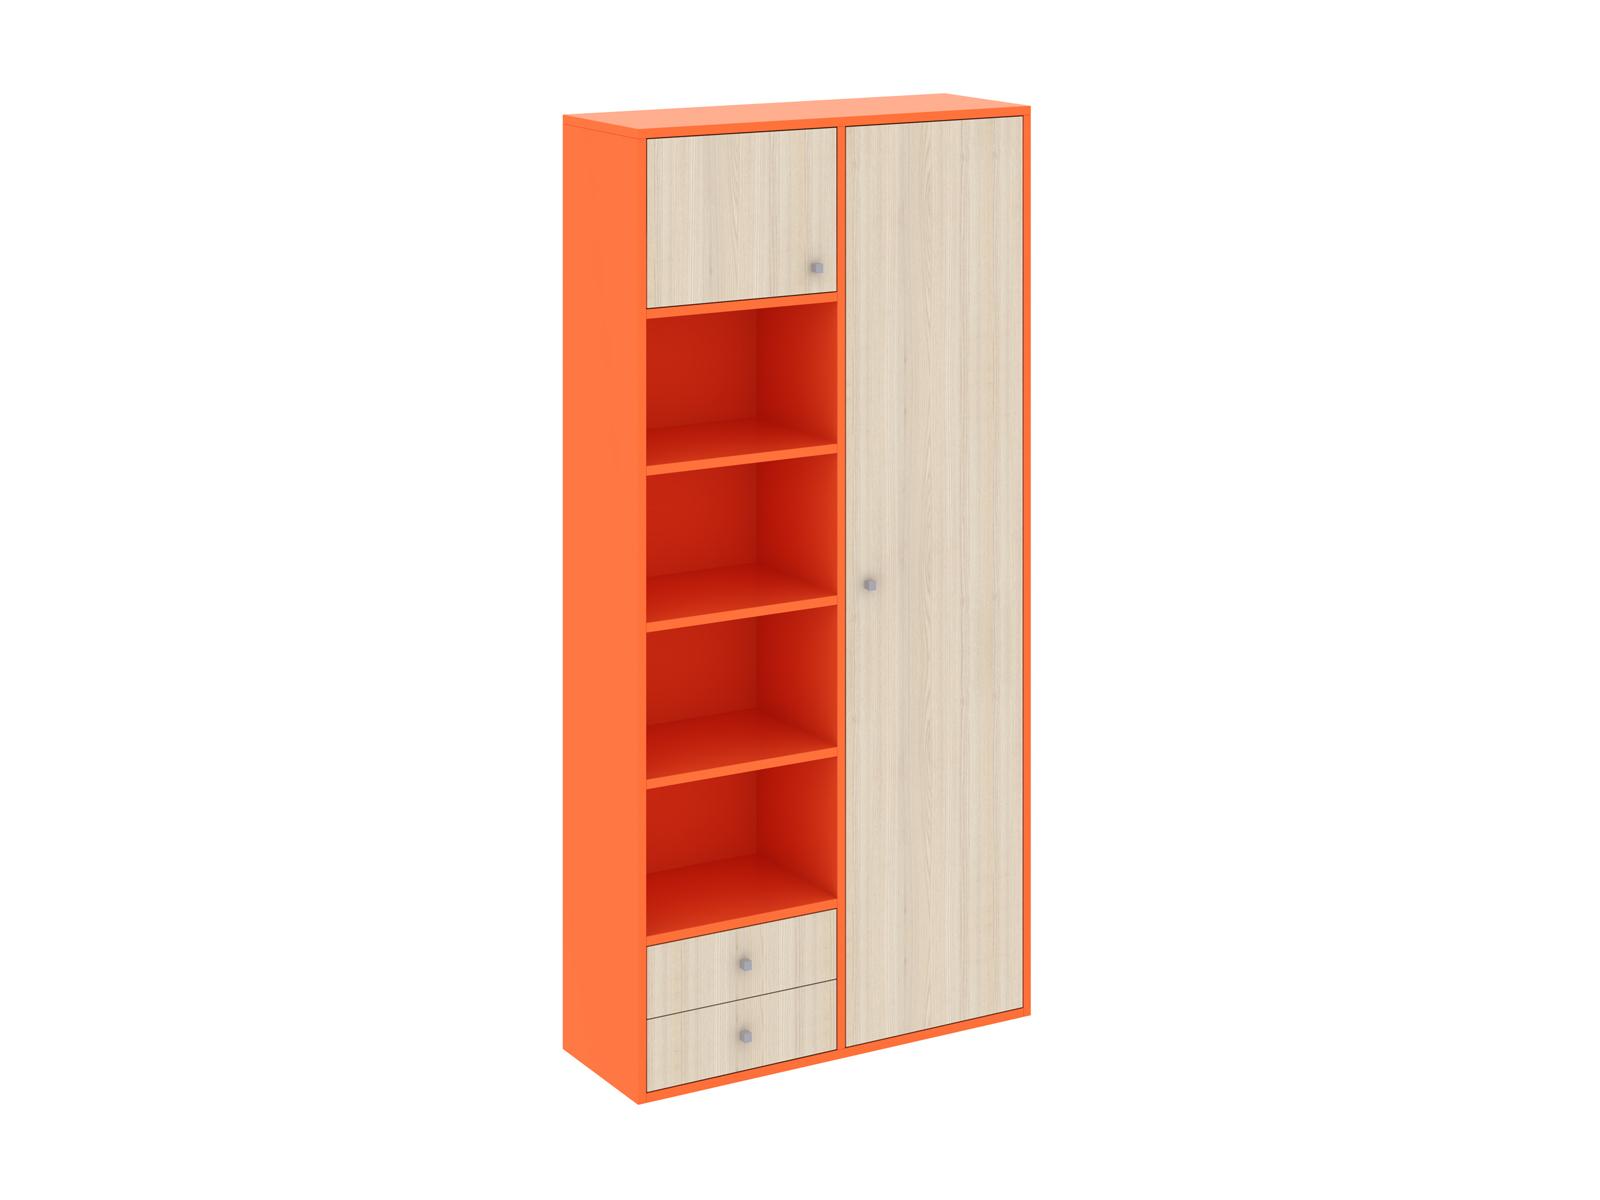 Шкаф PinokkioШкафы<br>Шкаф комбинированный имеет два отделения. В первом отделении расположены полки. Во втором - выдвижная штанга для одежды. Данный шкаф выполнен в левостороннем исполнении<br>